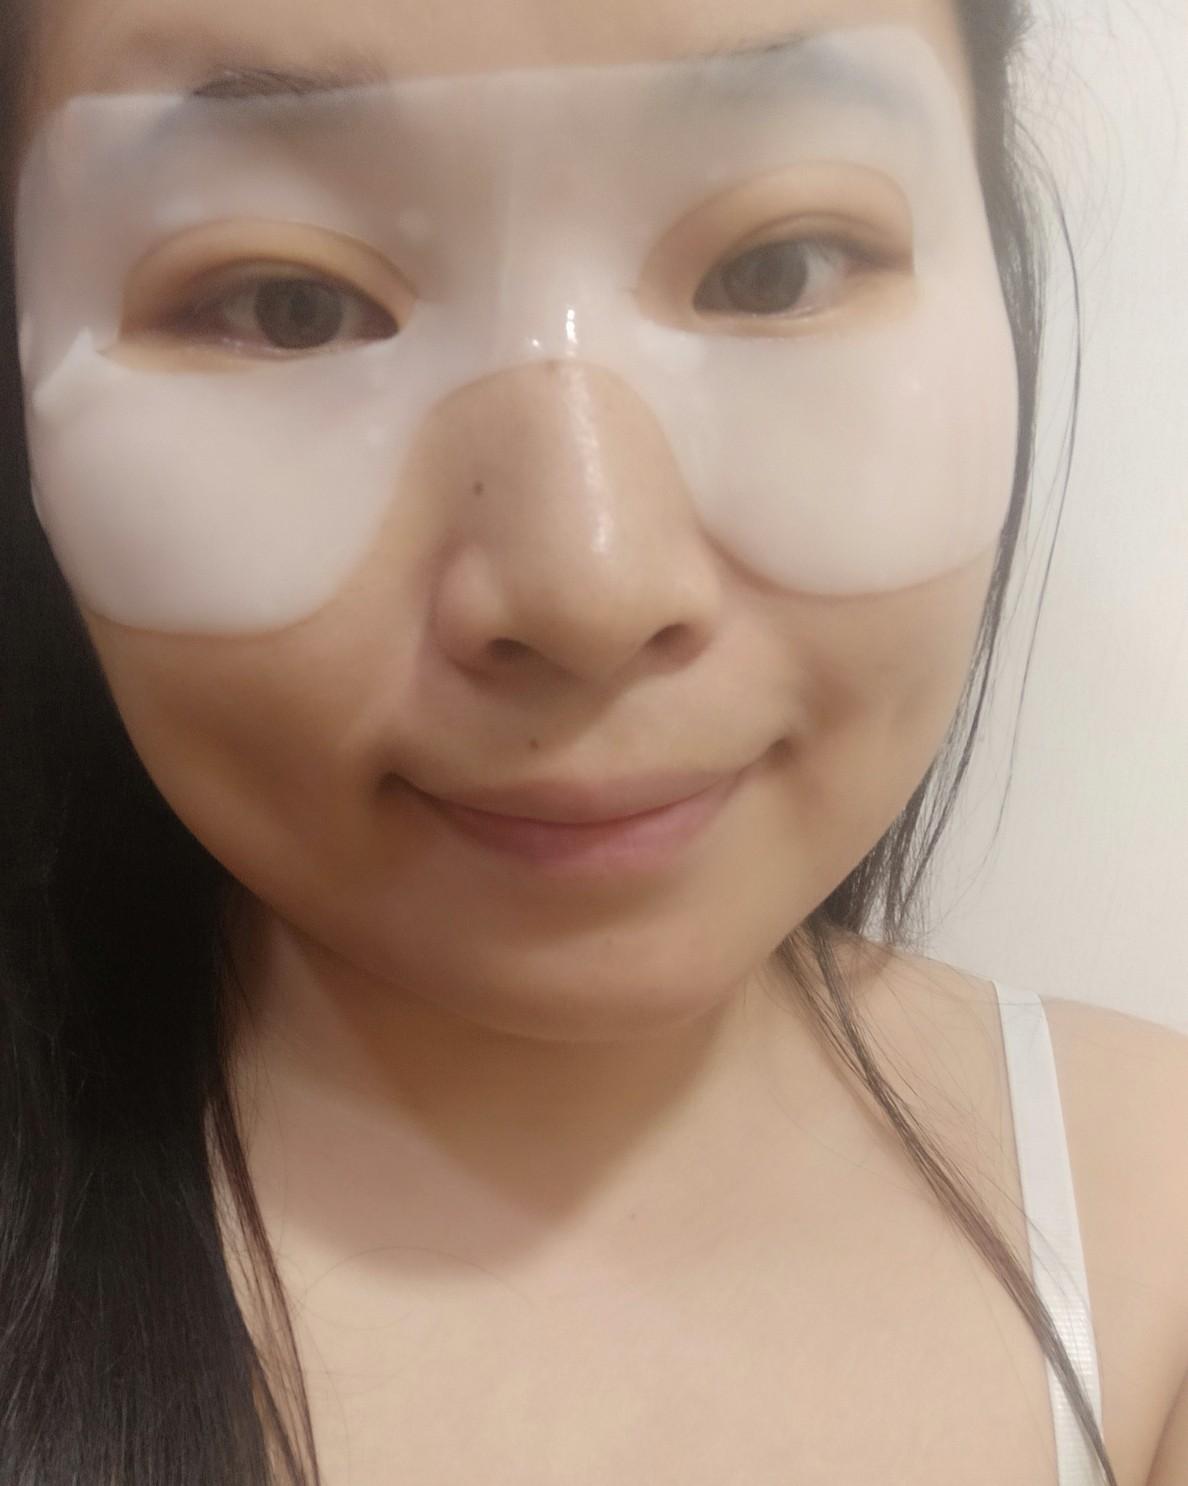 ✨7天面膜挑战--兰蔻眼膜  兰蔻眼膜是生日礼送的,查了一下